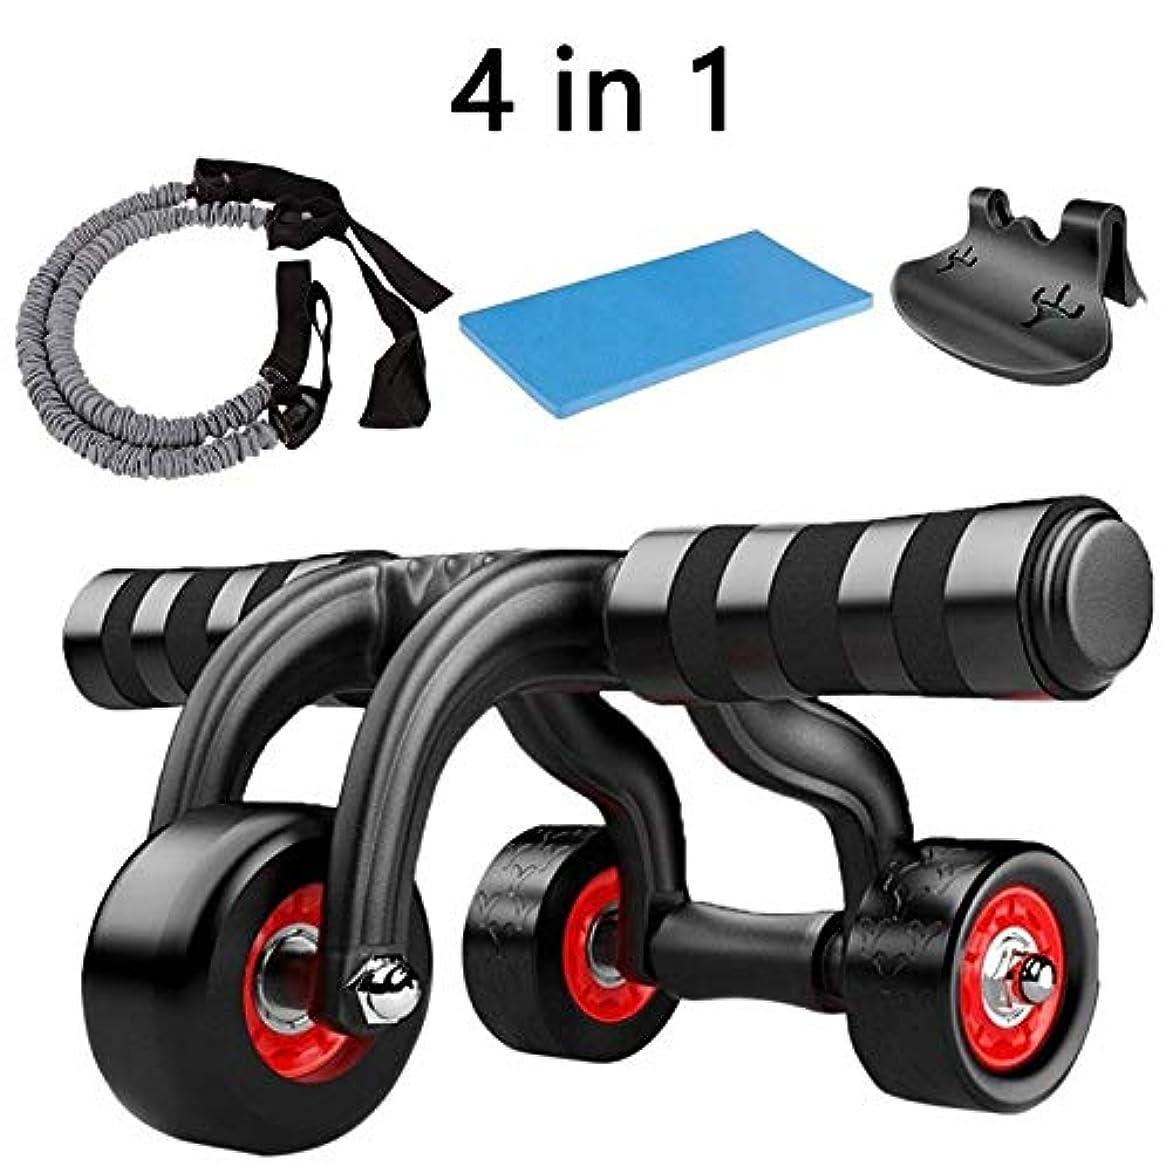 流行きちんとした何よりも盛世汇众 ホームスポーツの腹筋トレーナー三輪フィットネス機器アップローラーコースターボディアームウエストジムABエクササイズパワープッシュ (色 : 4 in 1)